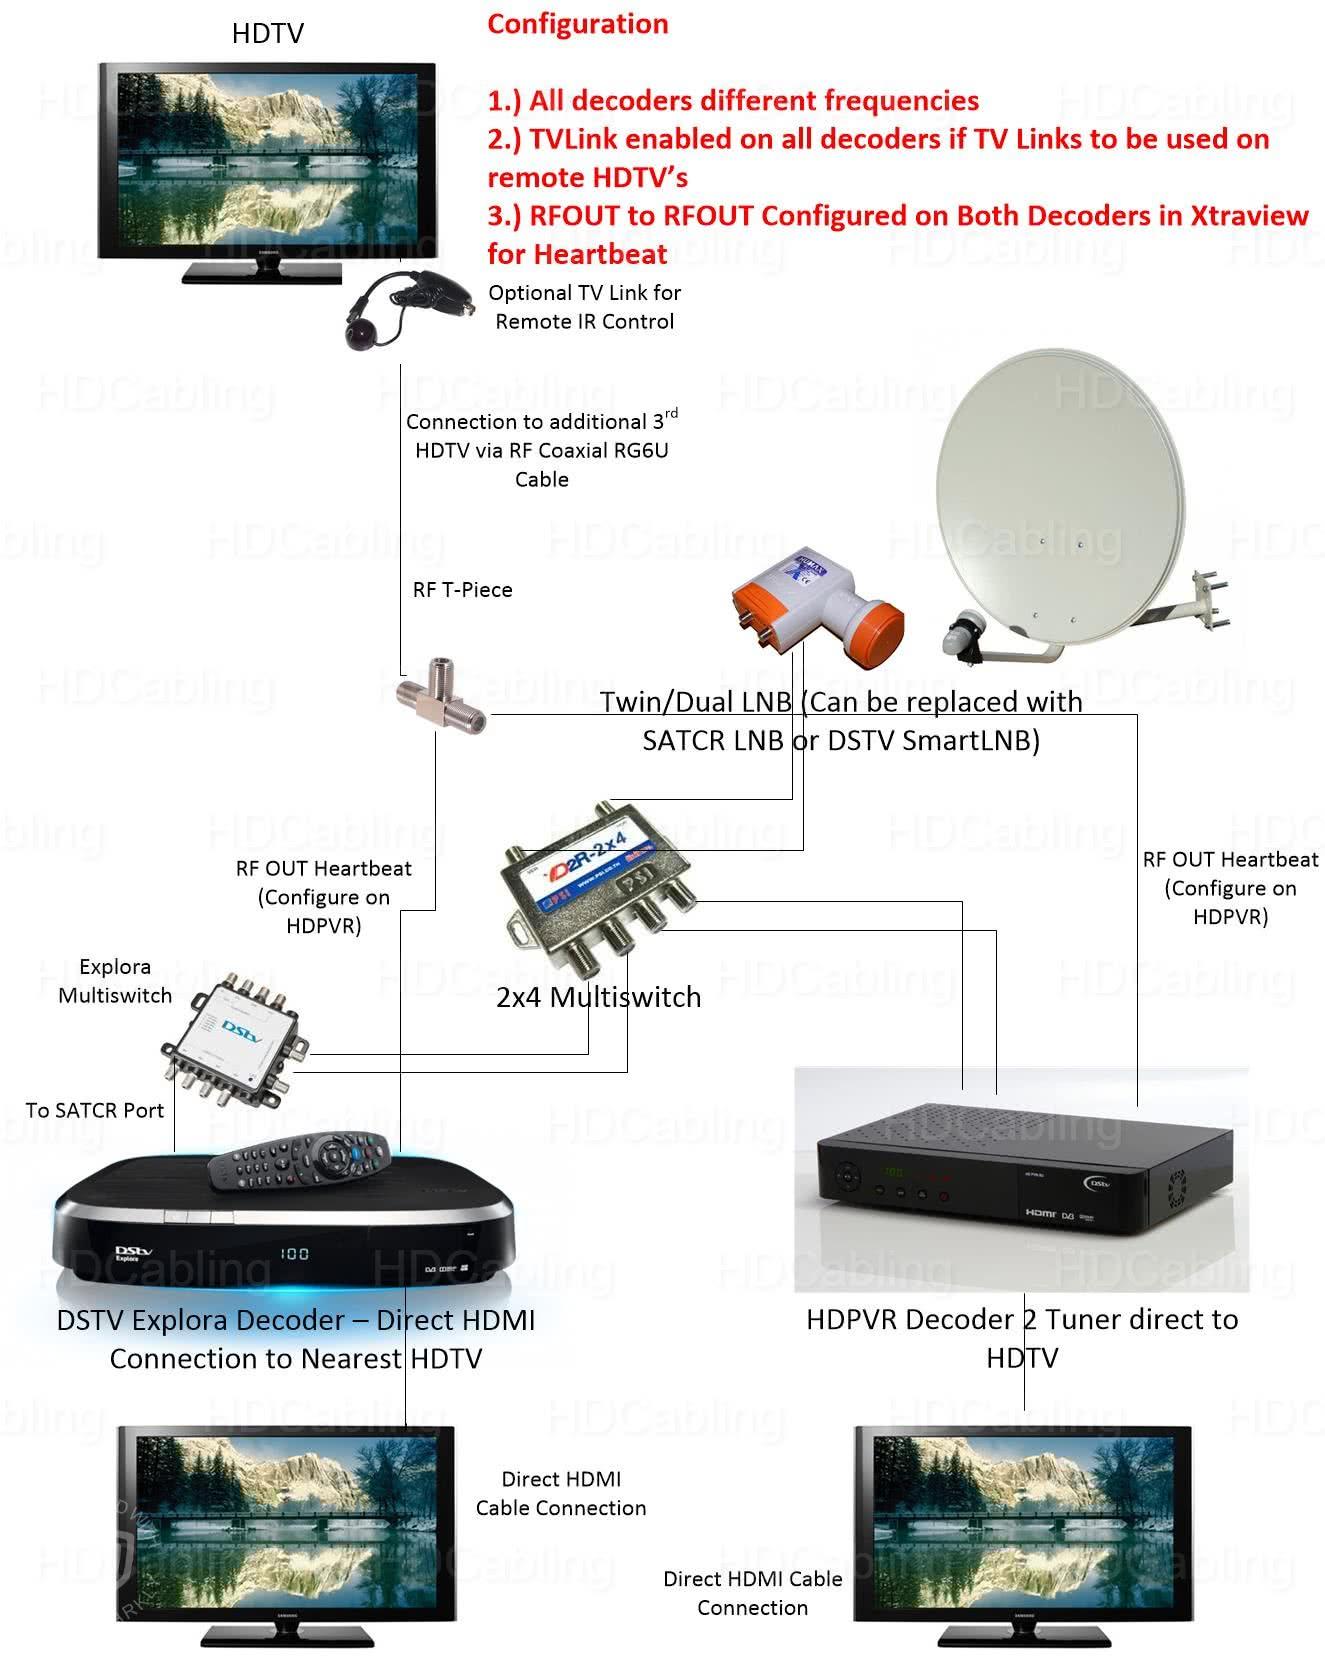 DSTV Explora Multiswitch (LNB Splitter)